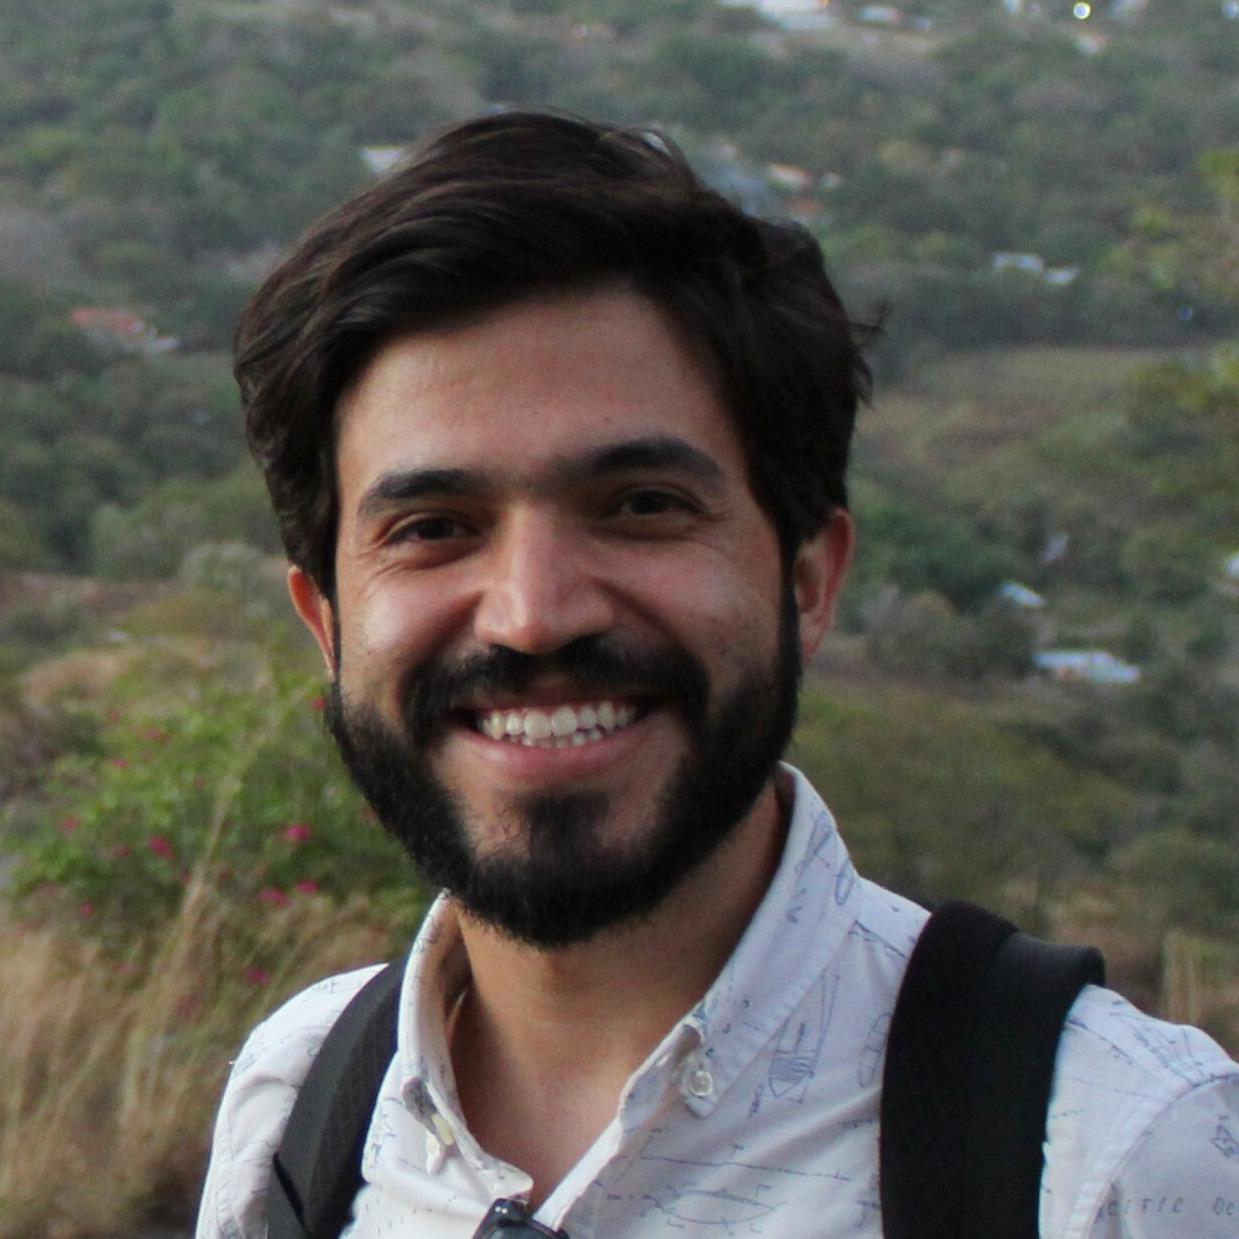 Camilo Chacón-Duque